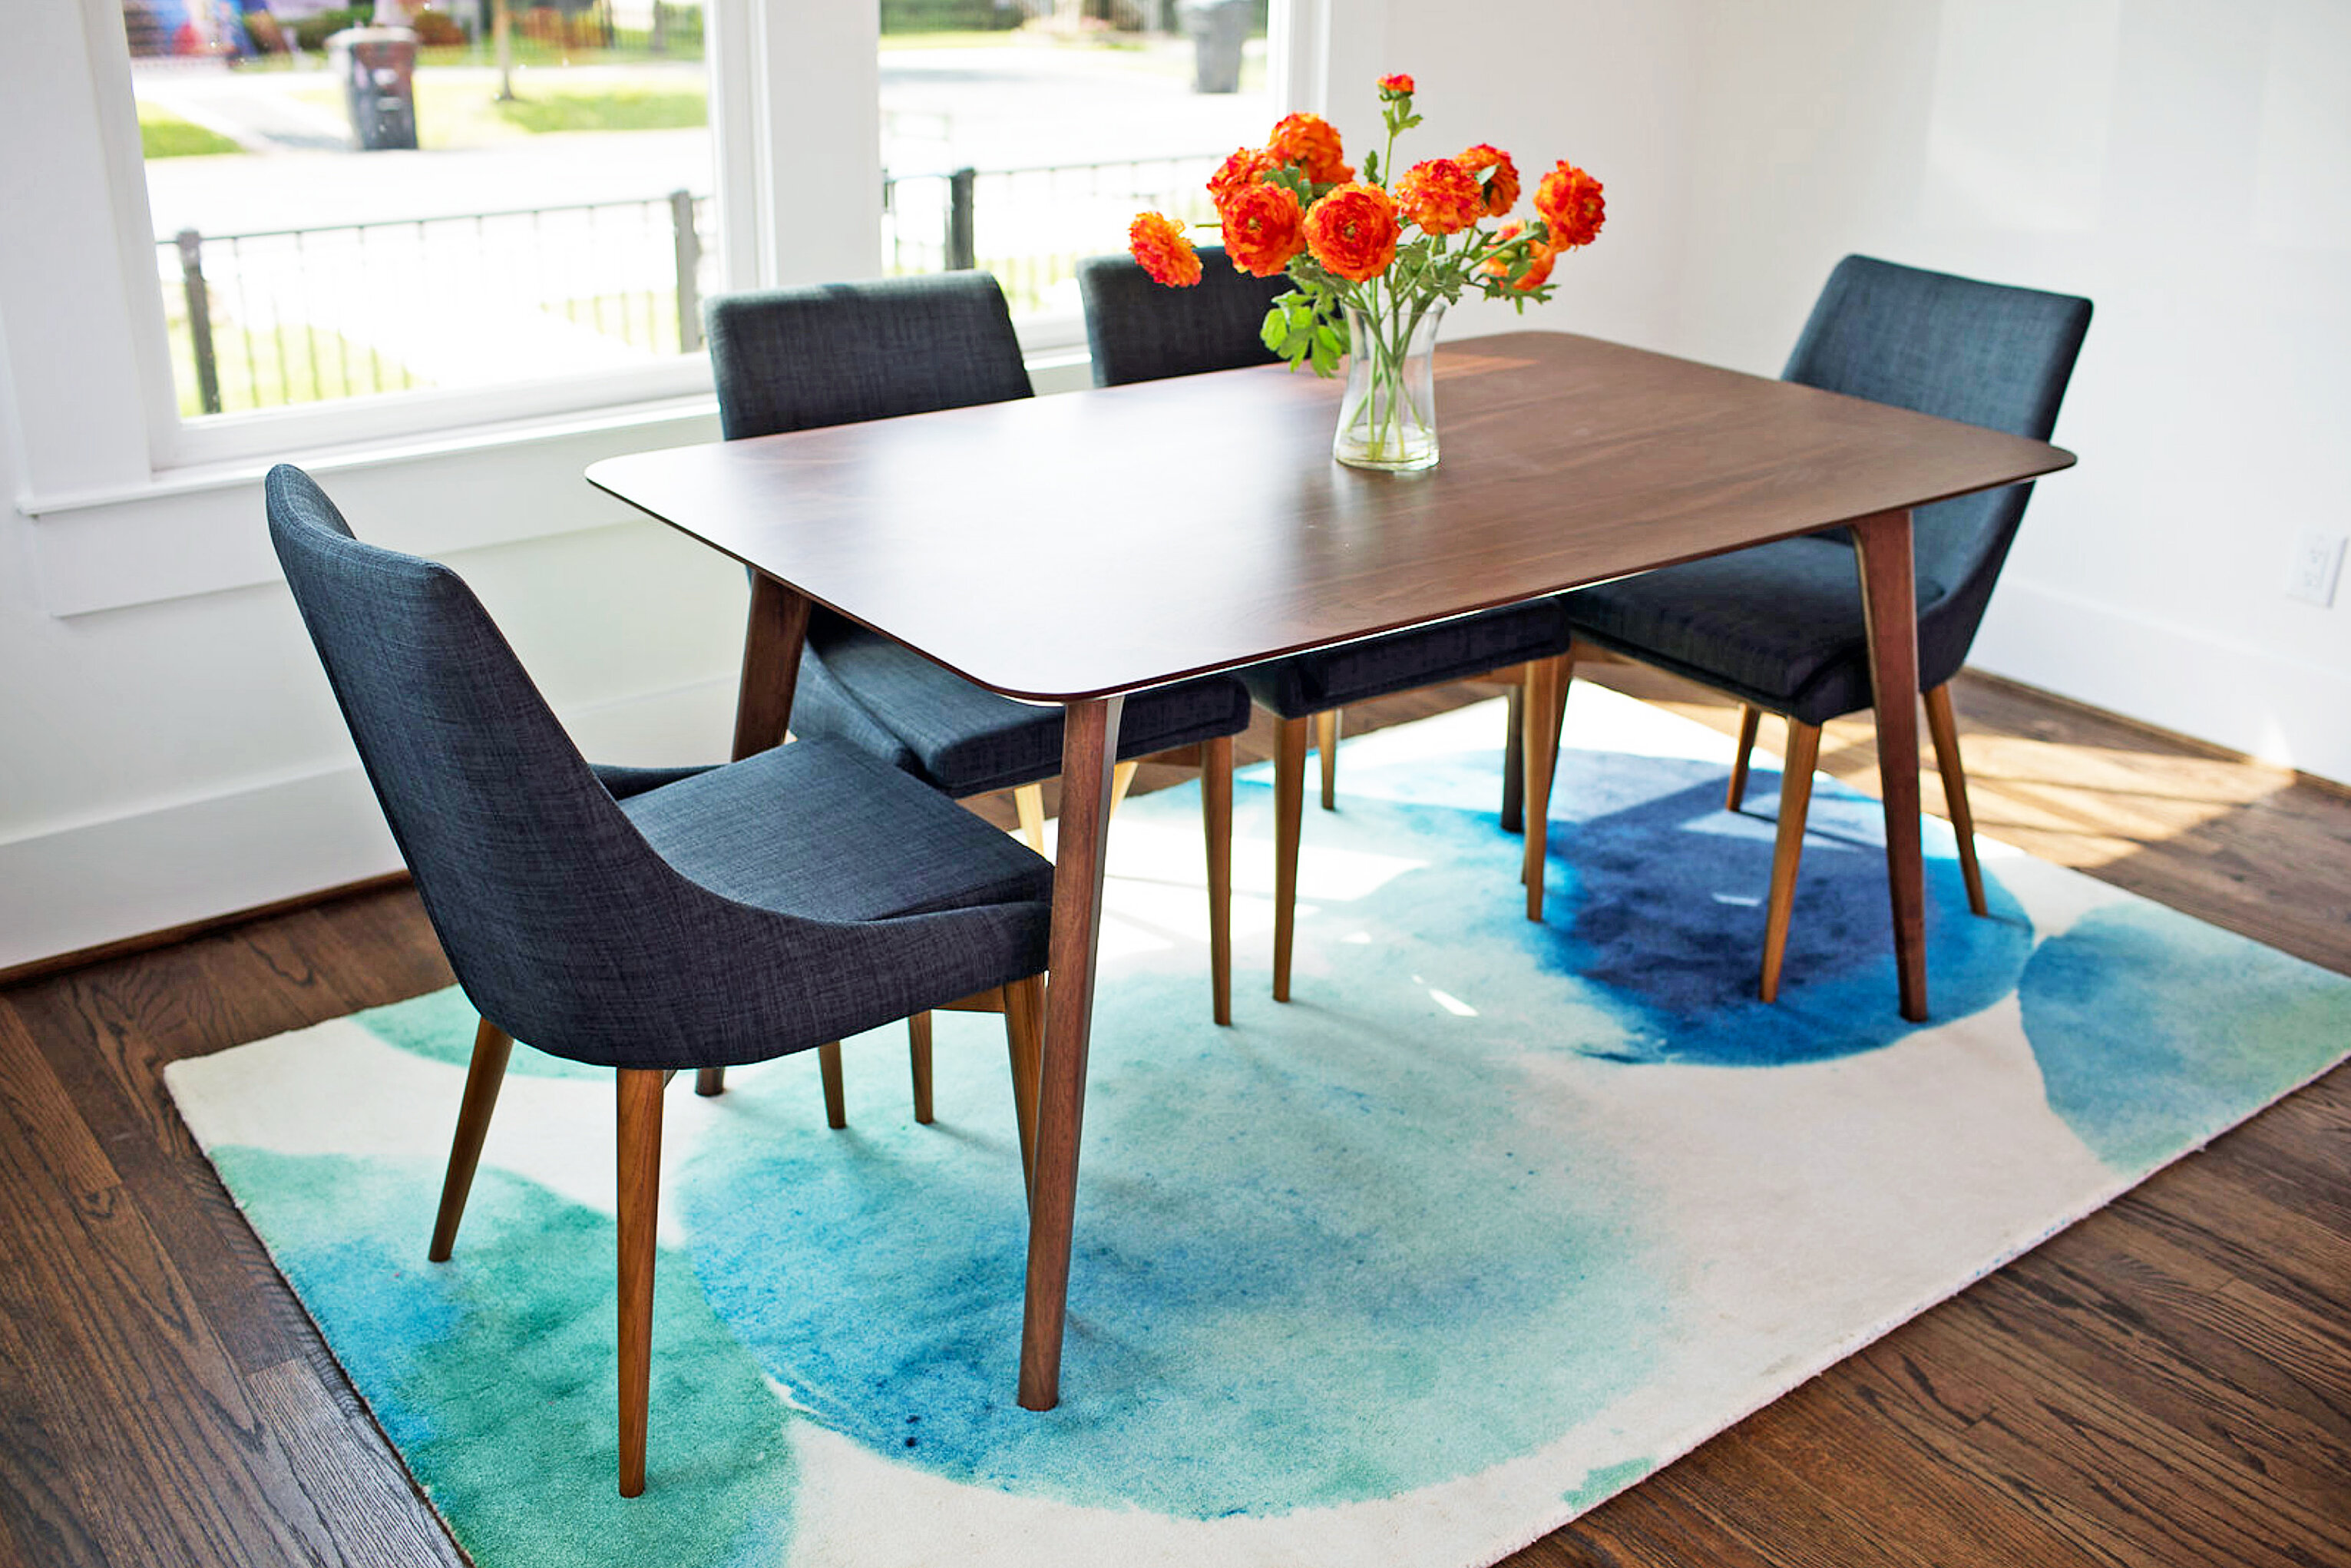 Anabelle 5 Piece Breakfast Nook Dining Set | AllModern